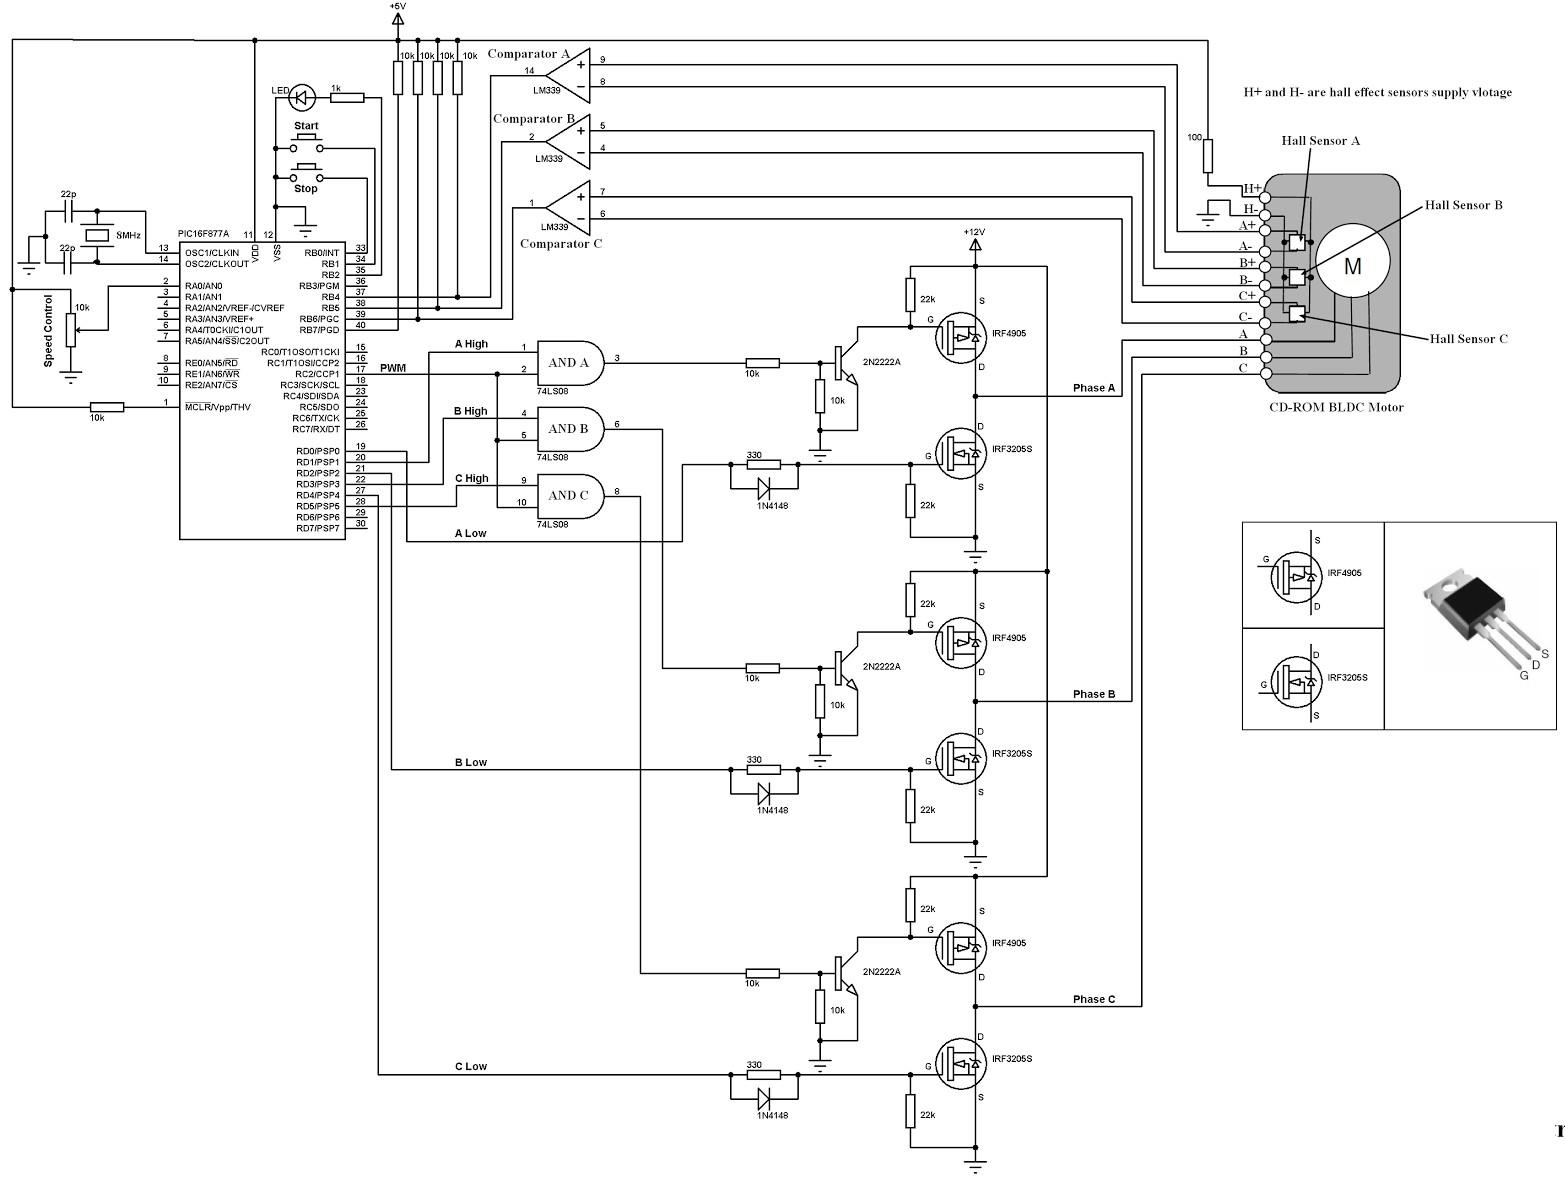 Dt80bl Brushless Motor Wiring Diagram Bldc Motor Controller Wiring Diagram Sample Of Dt80bl Brushless Motor Wiring Diagram